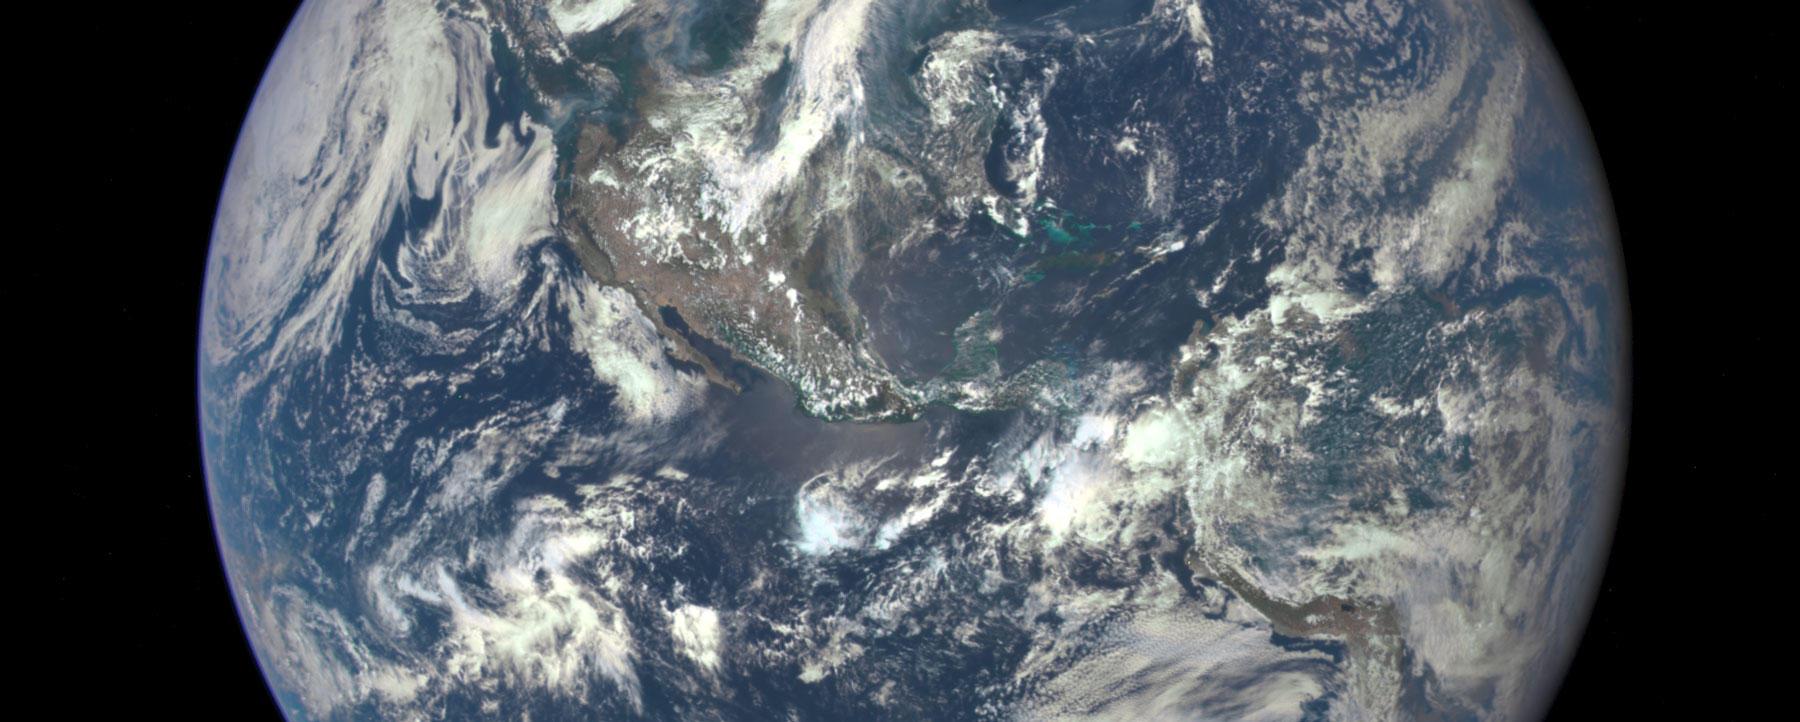 EPIC Earth photo